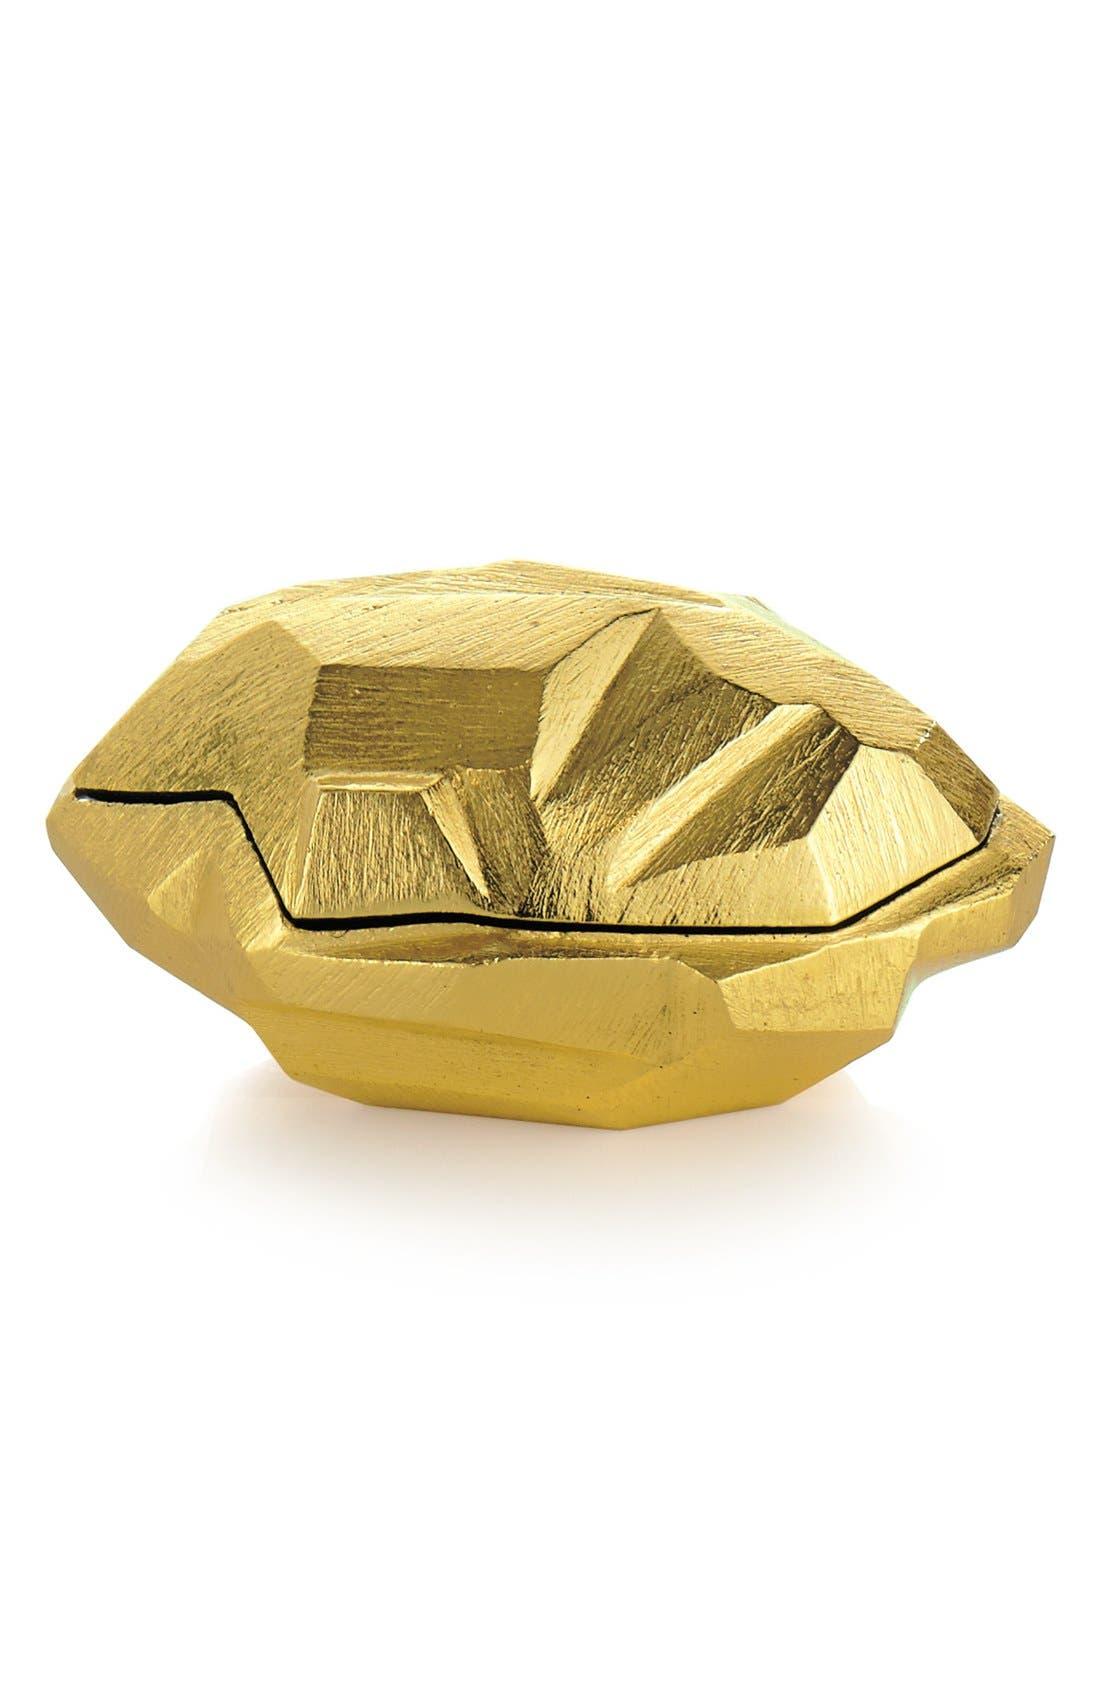 Michael Aram 'Rock' Box